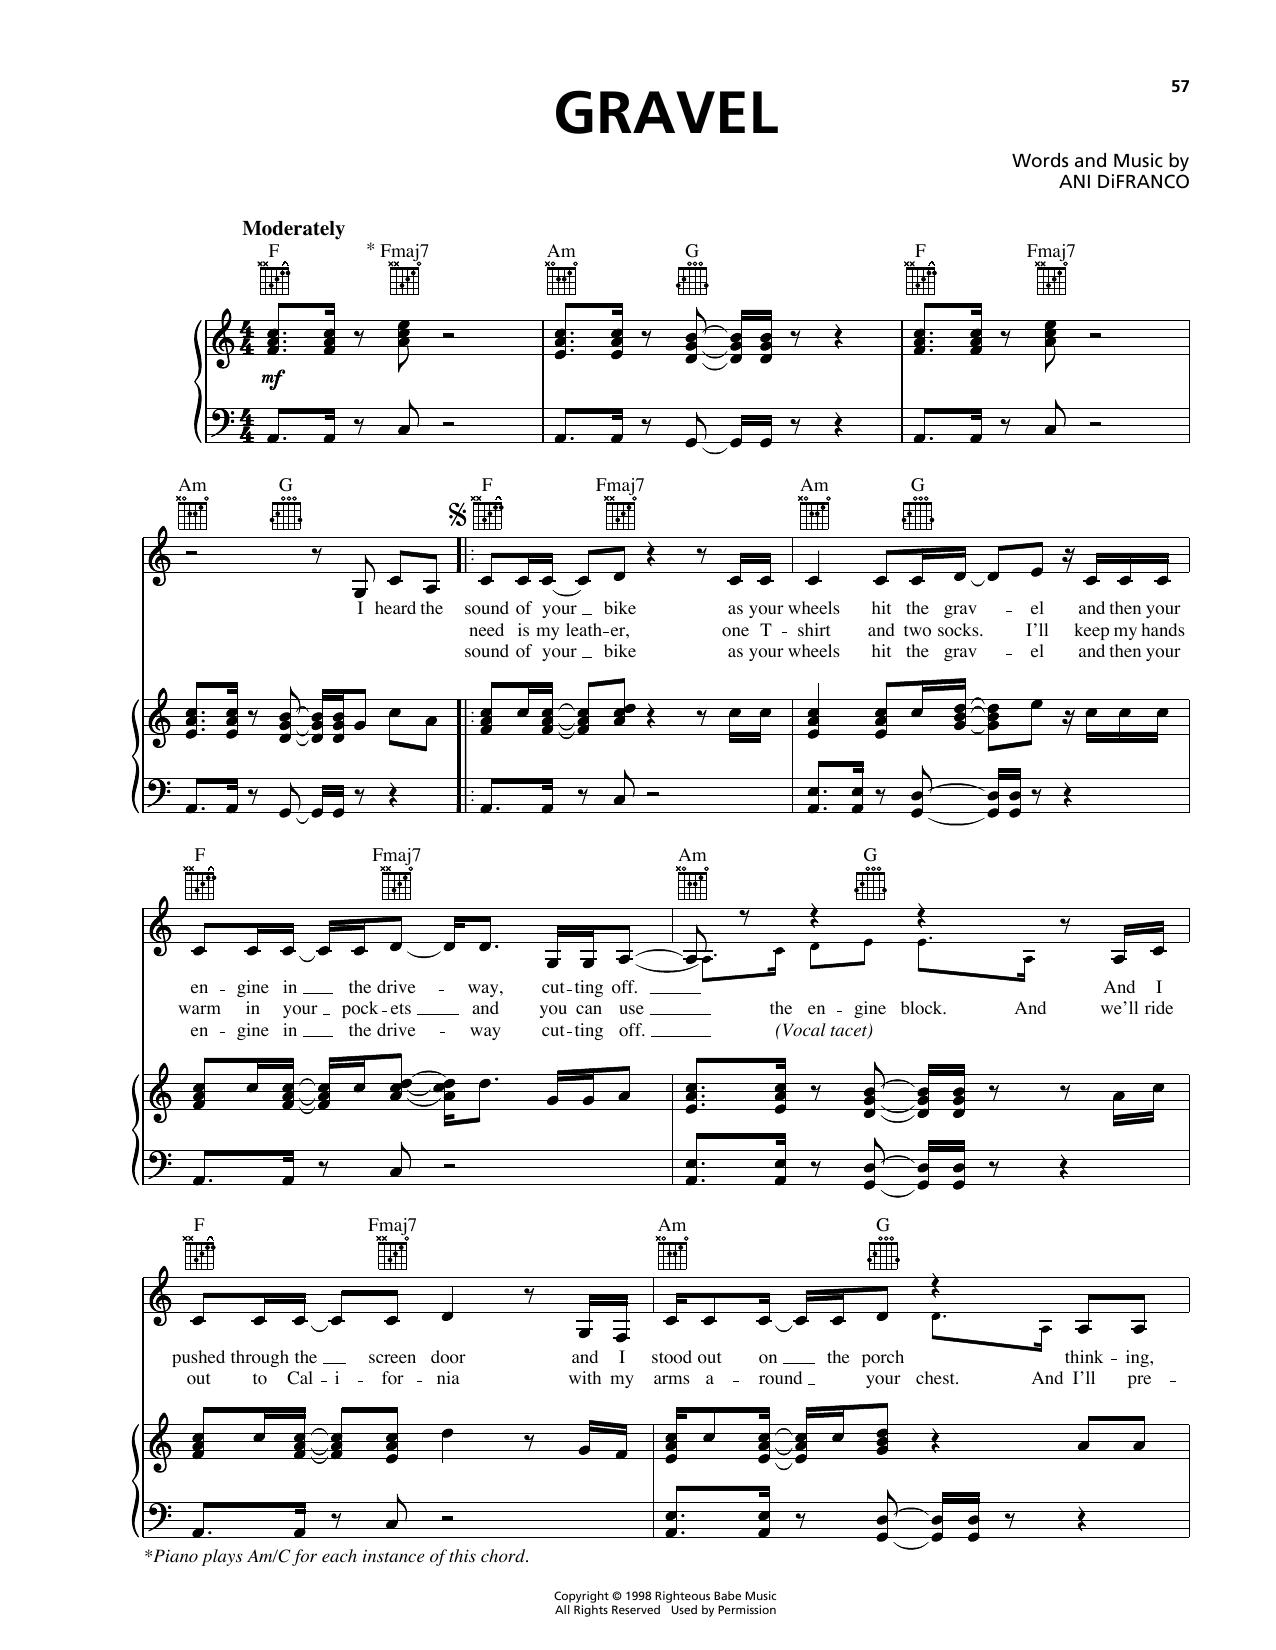 Gravel Sheet Music